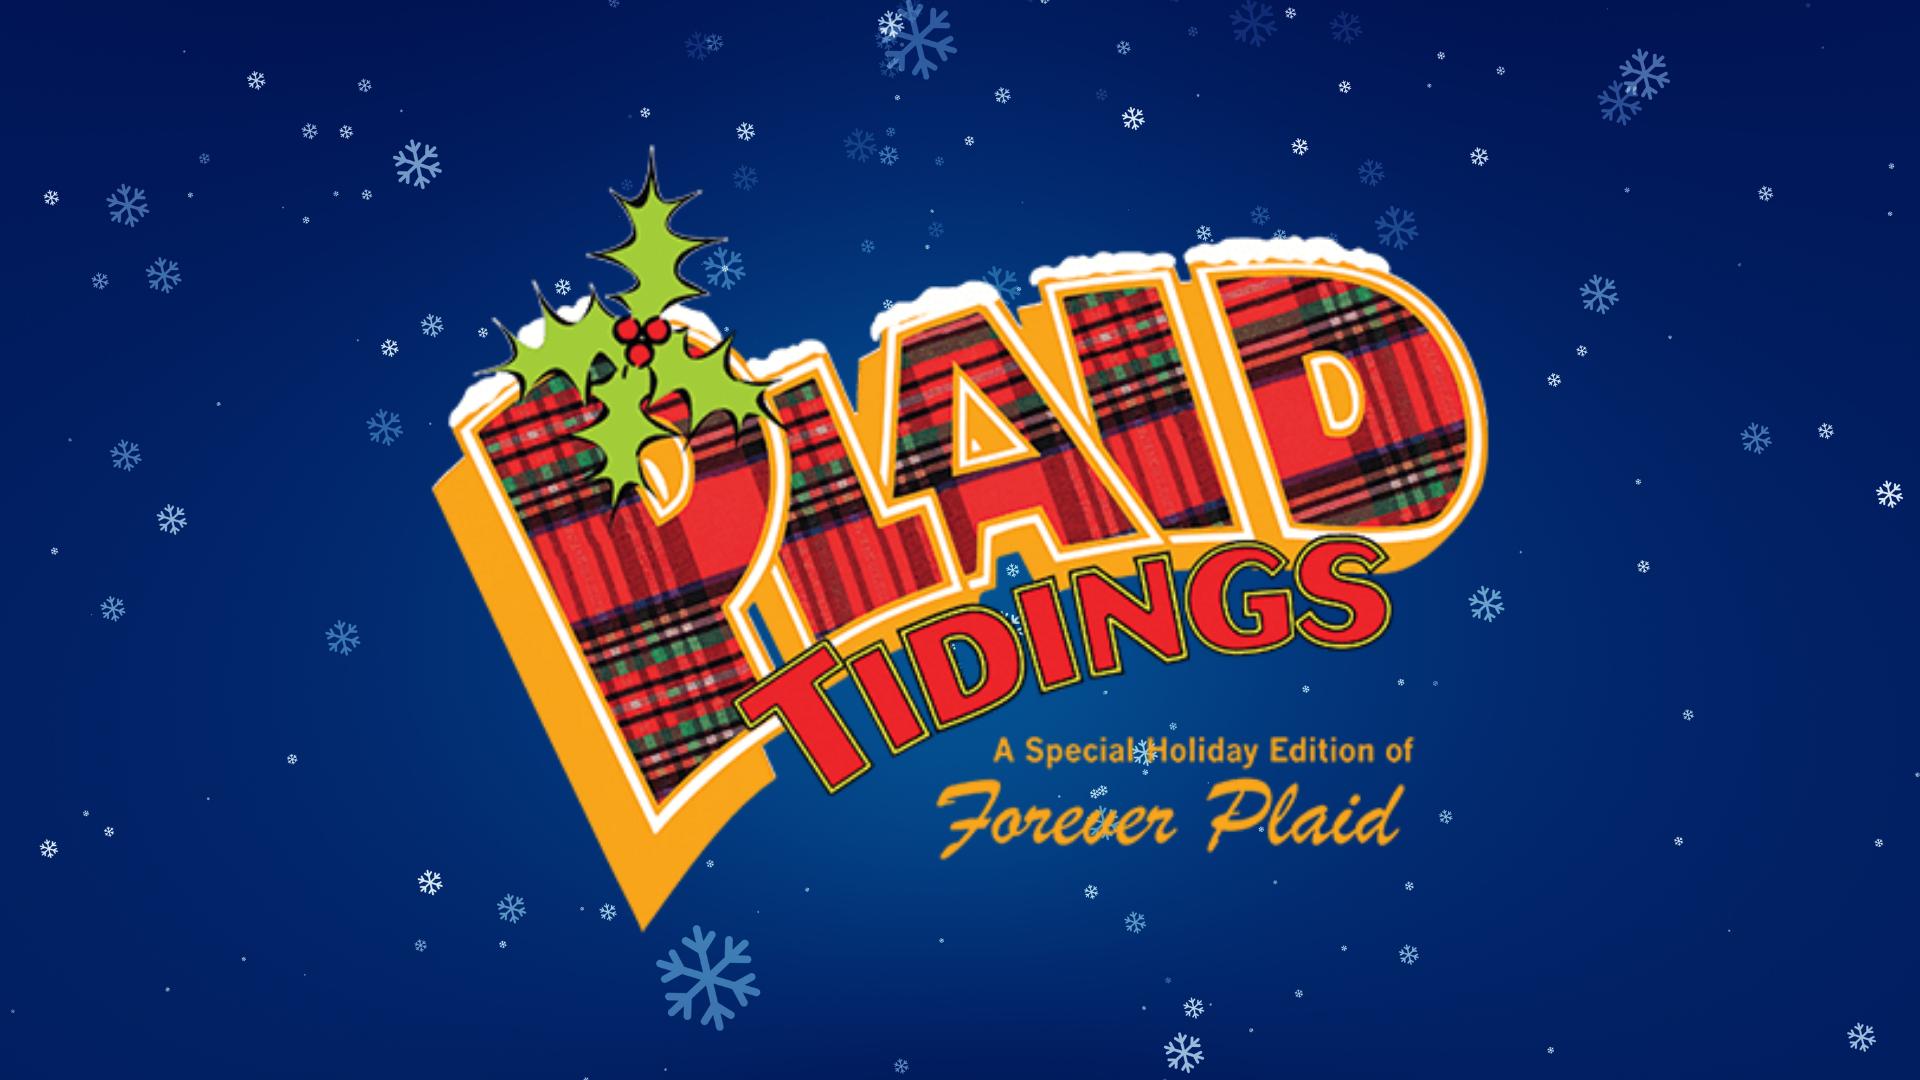 Forever Plaid: Plaid Tidings image